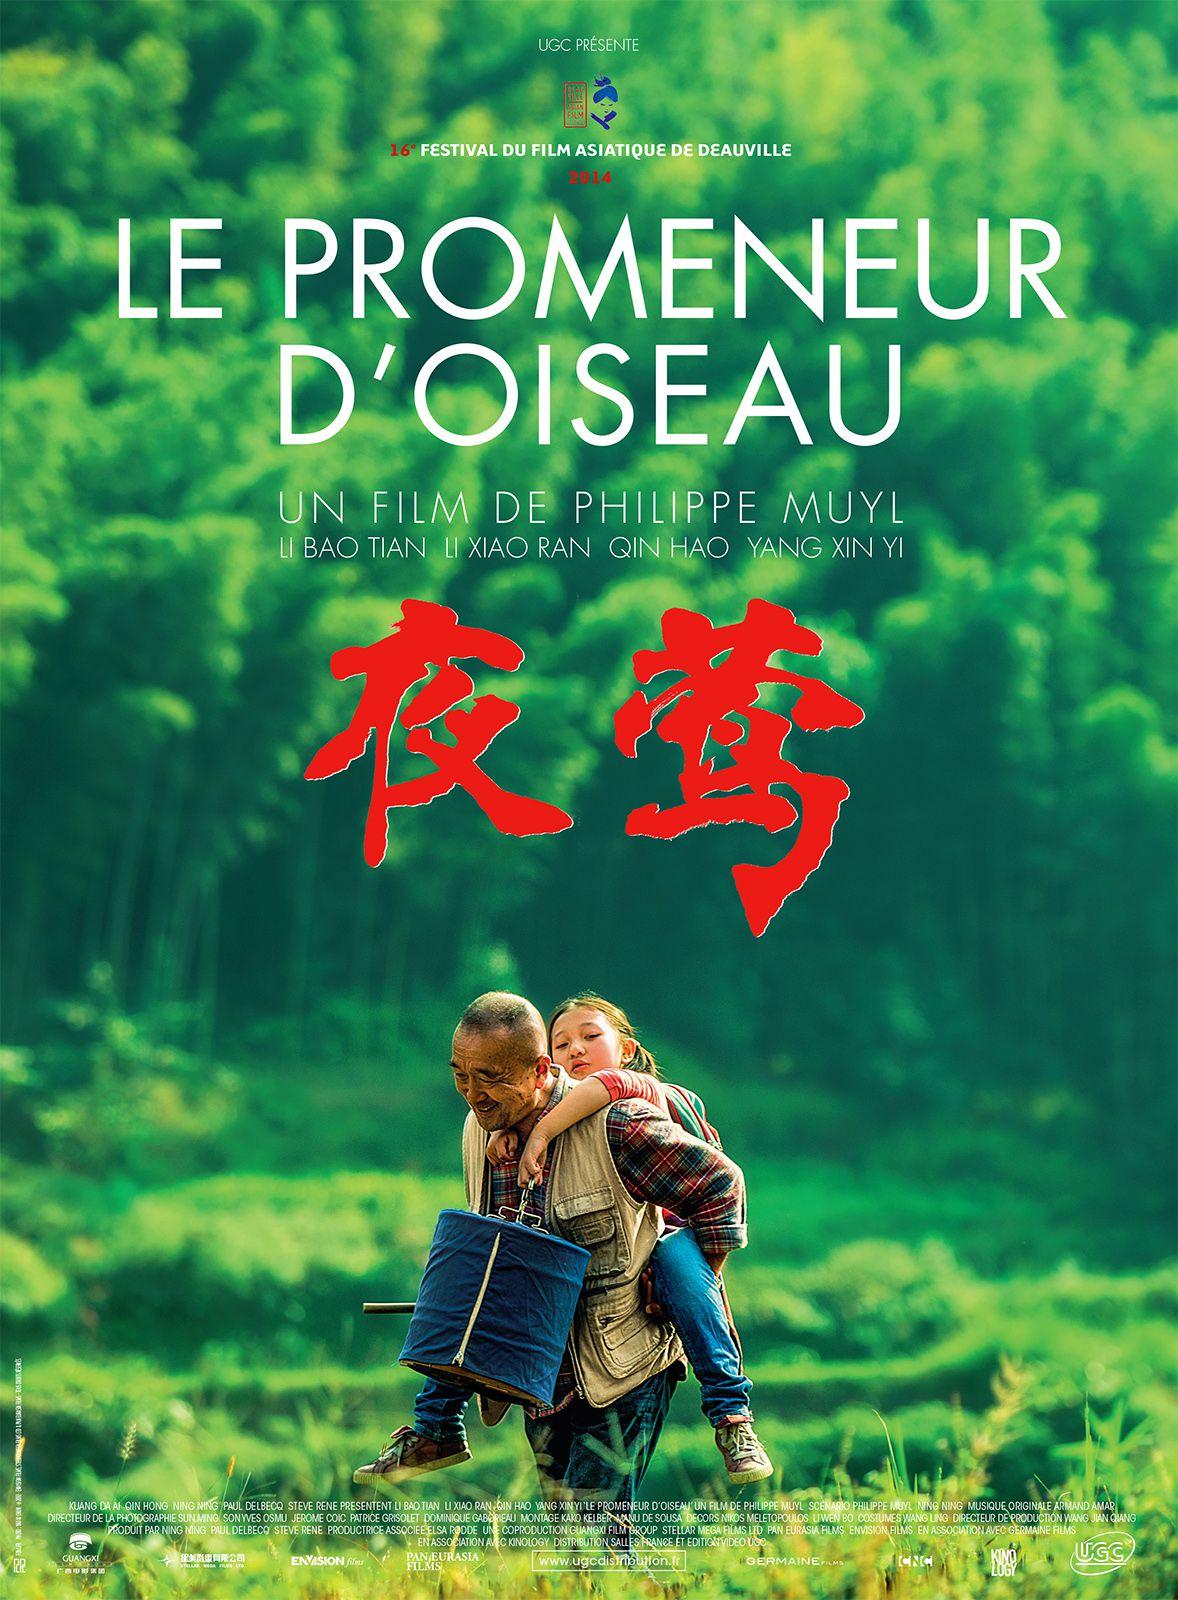 Le Promeneur d'oiseau - Film (2014)